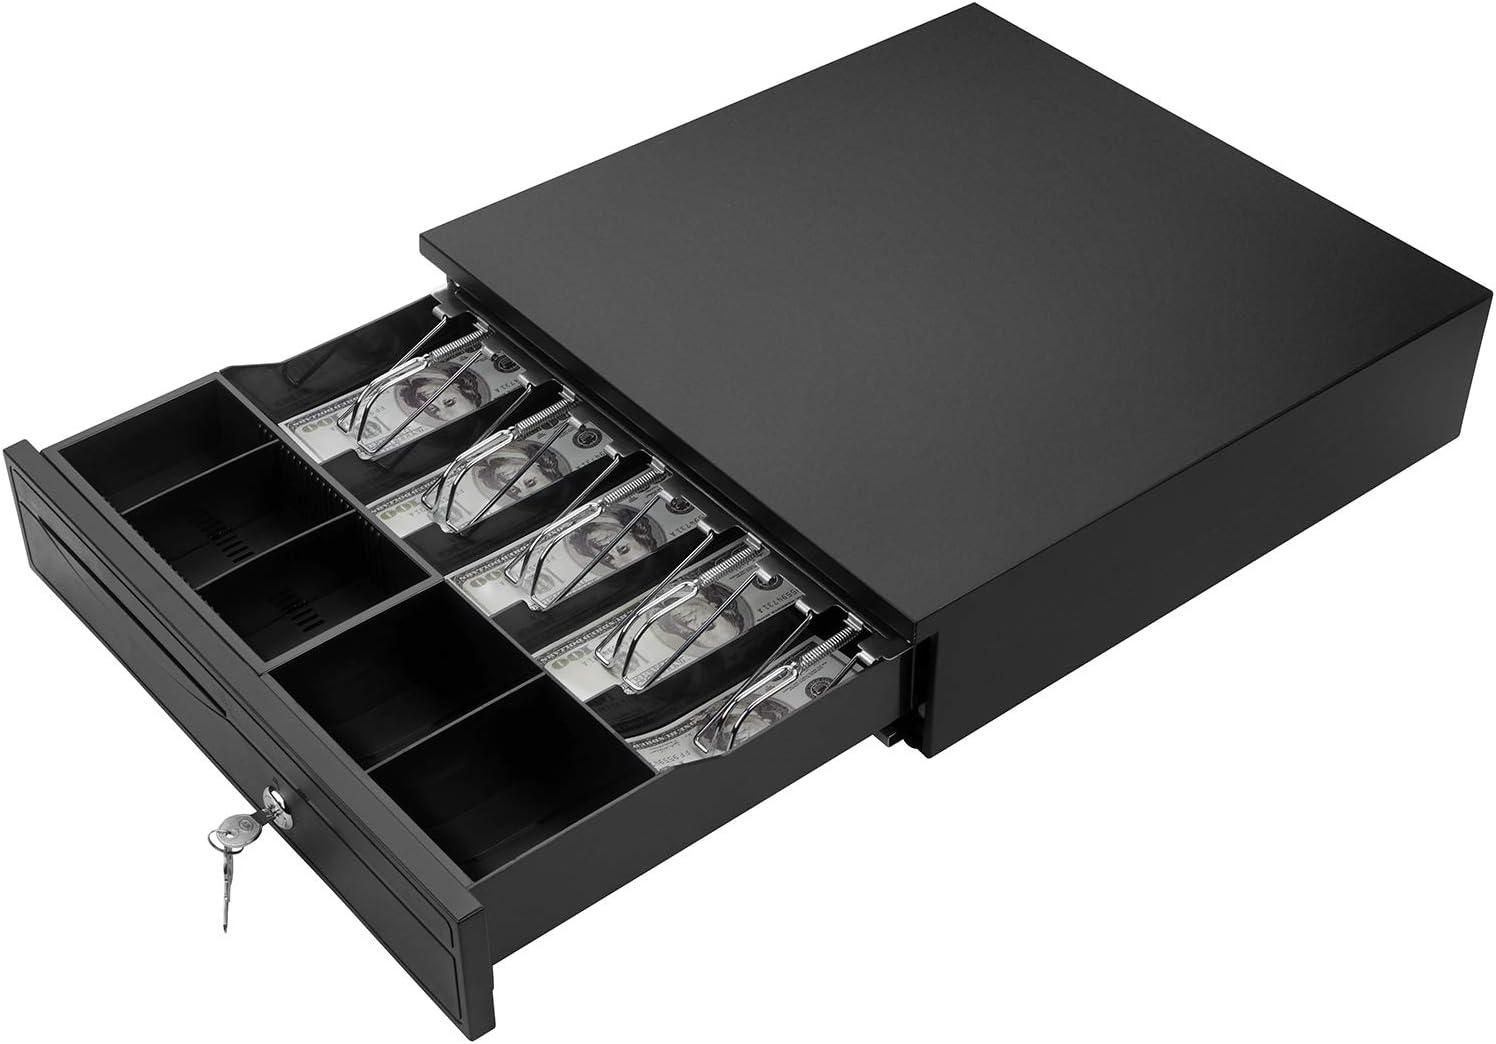 Nurxiovo Caja registradora de 16 Pulgadas con 5 Monedas, con Bandeja extraíble, Compatible con impresoras Epson POS, Caja de Dinero (Negro): Amazon.es: Electrónica